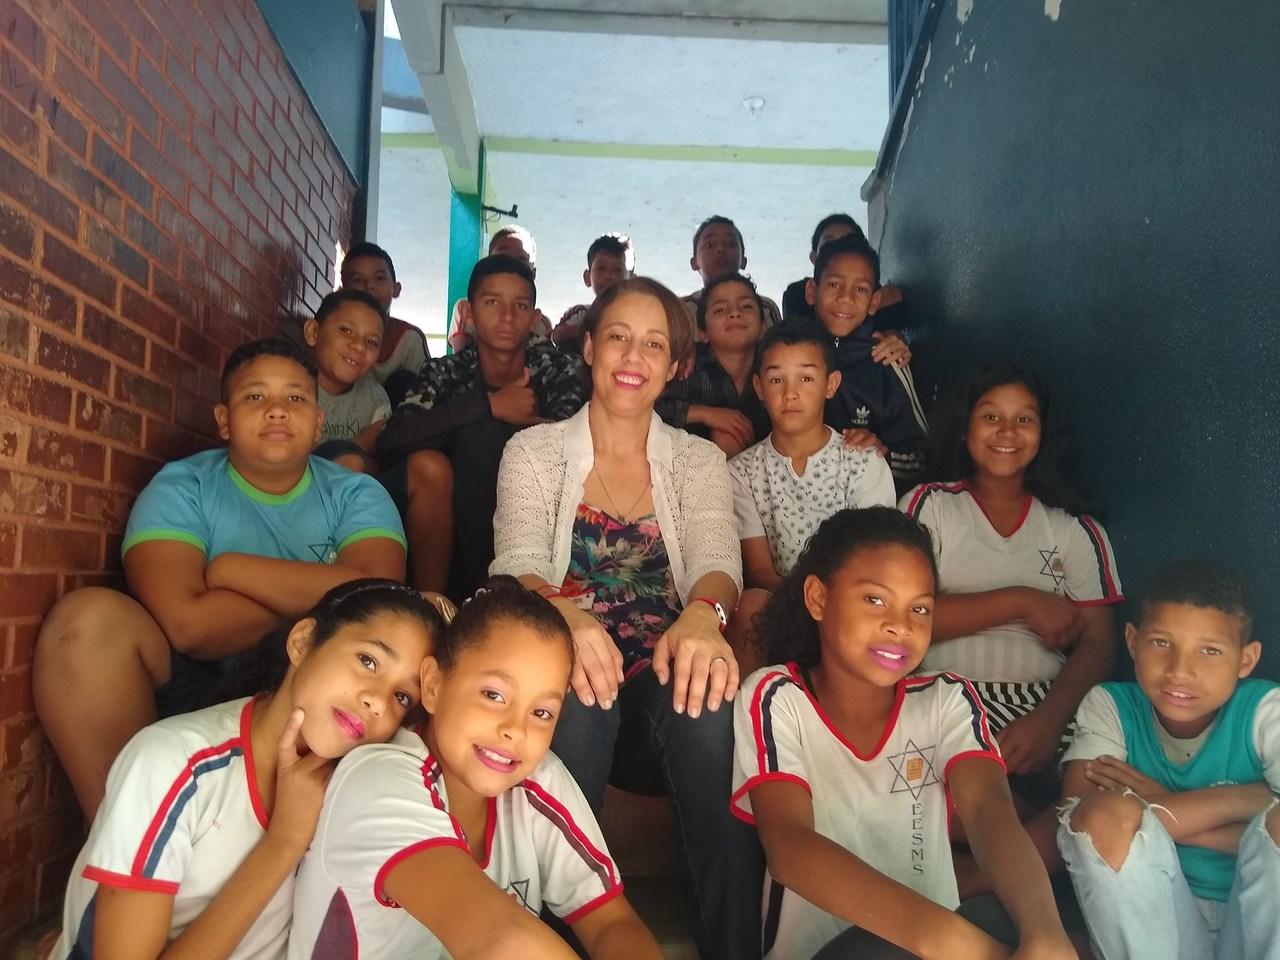 professora de Belo Horizonte com os alunos da campanha do Dia das Crianças